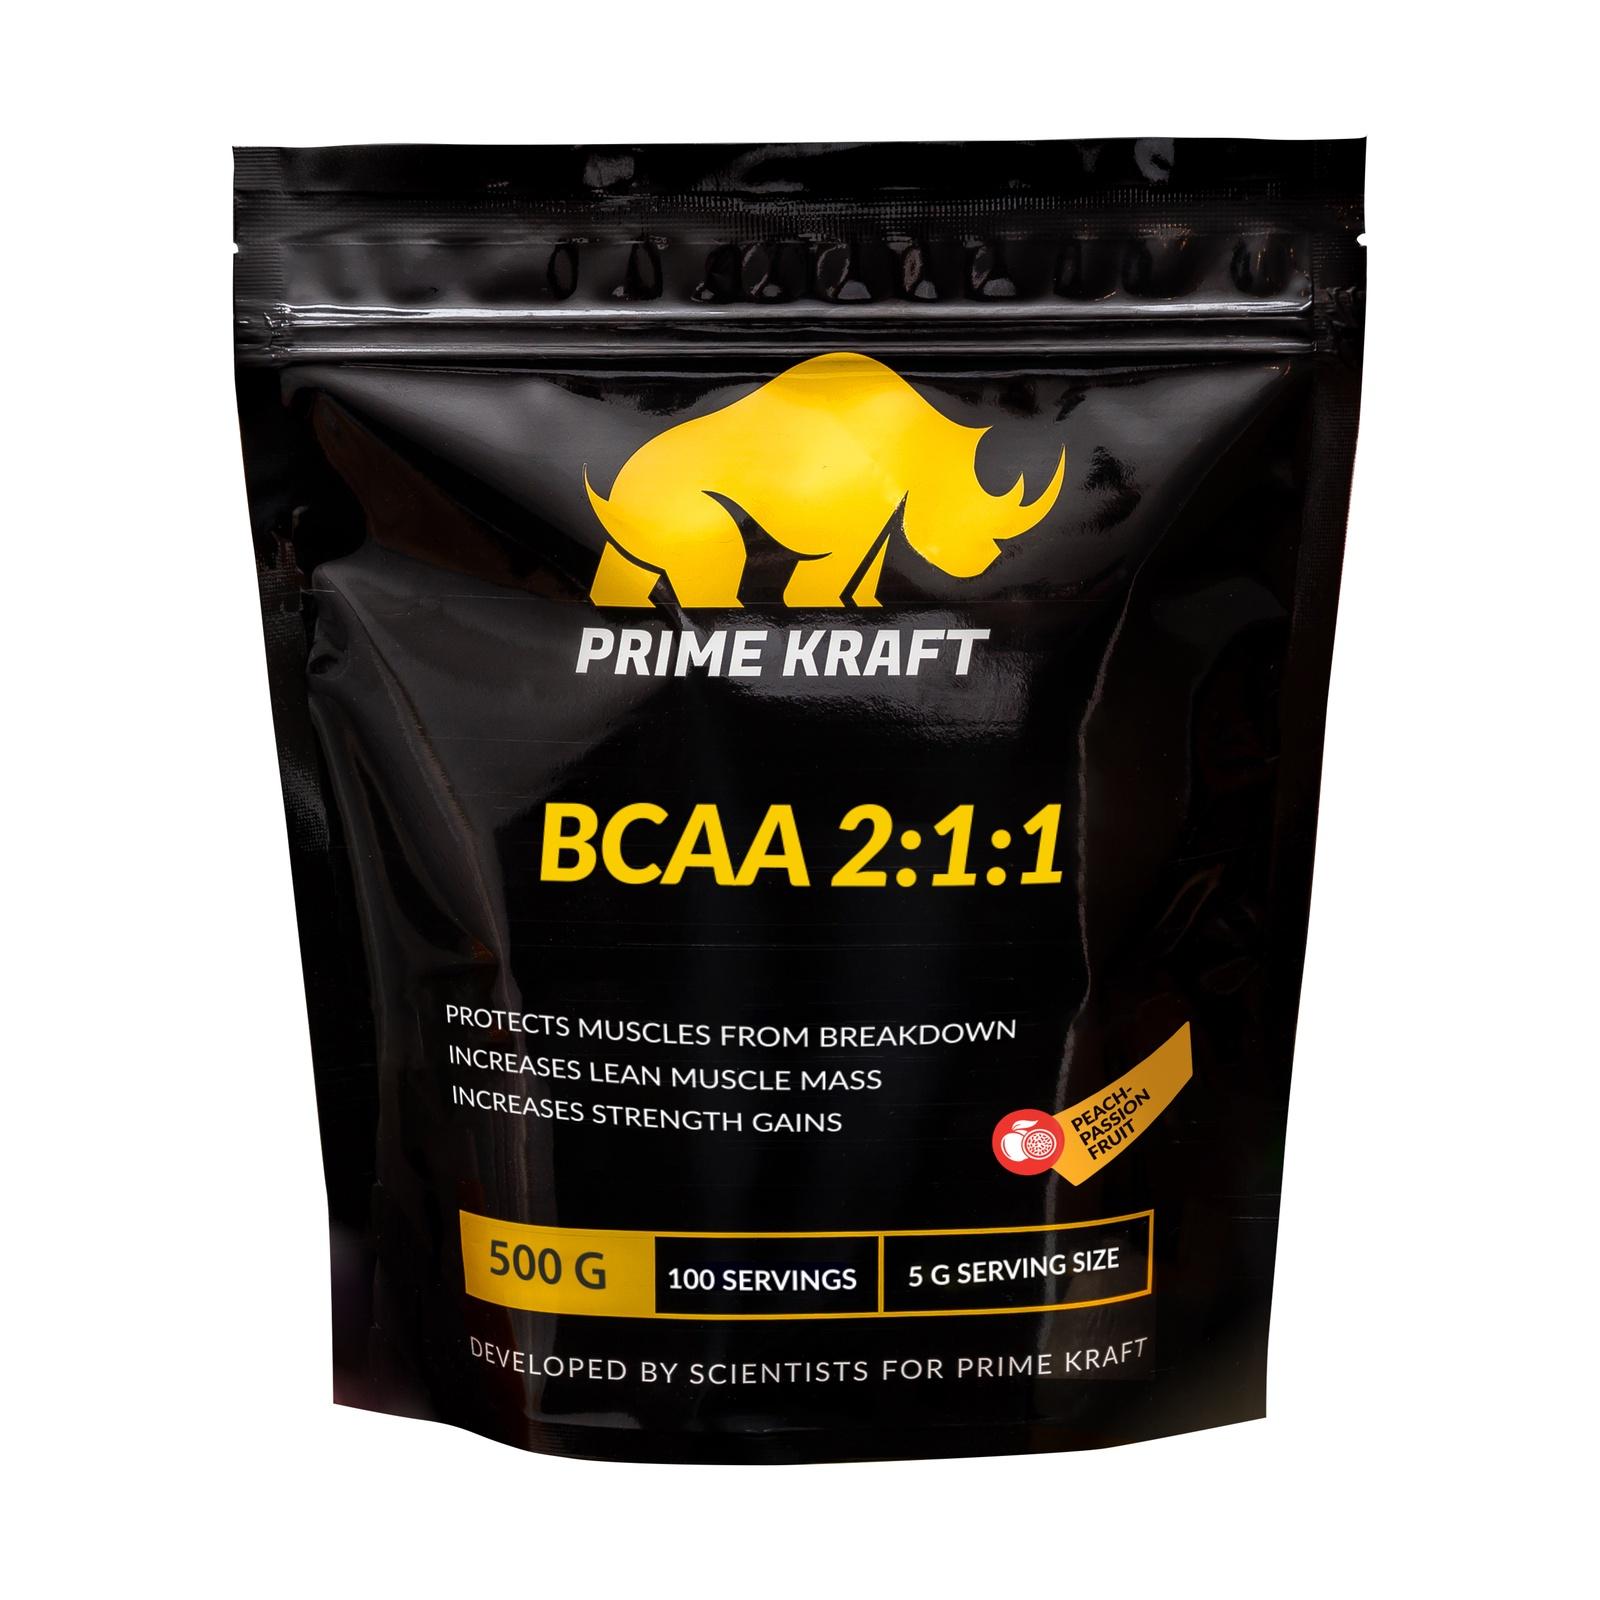 BCAA Prime Kraft персик-маракуйя 500 гр, 500 творожок чудо воздушный персик маракуйя 4 2